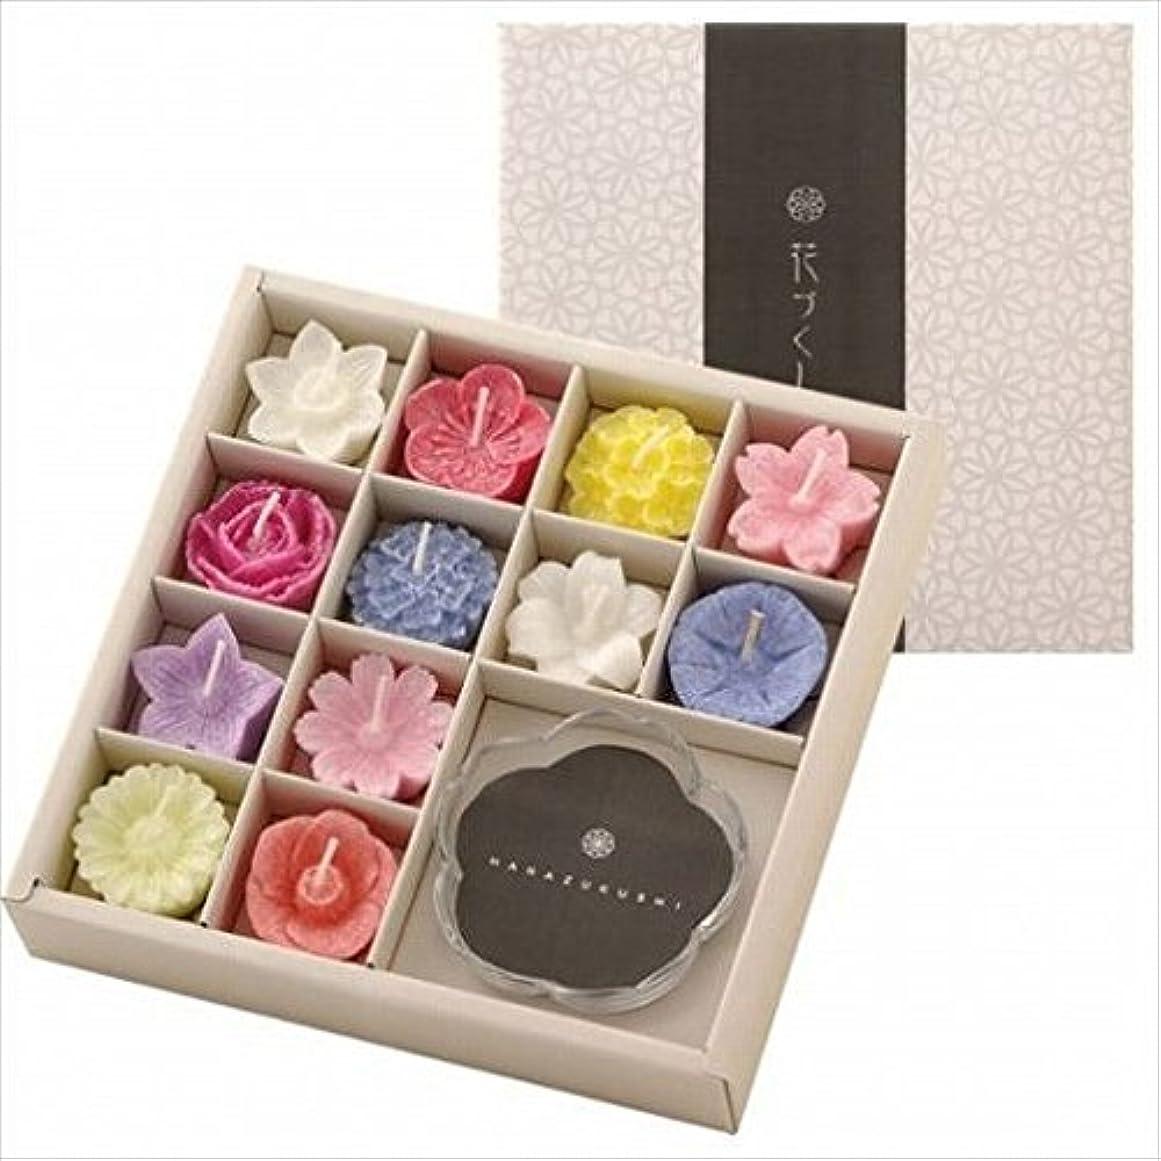 印象的傘熱心なkameyama candle(カメヤマキャンドル) 花づくしギフトセット(植物性) キャンドル(96200700)